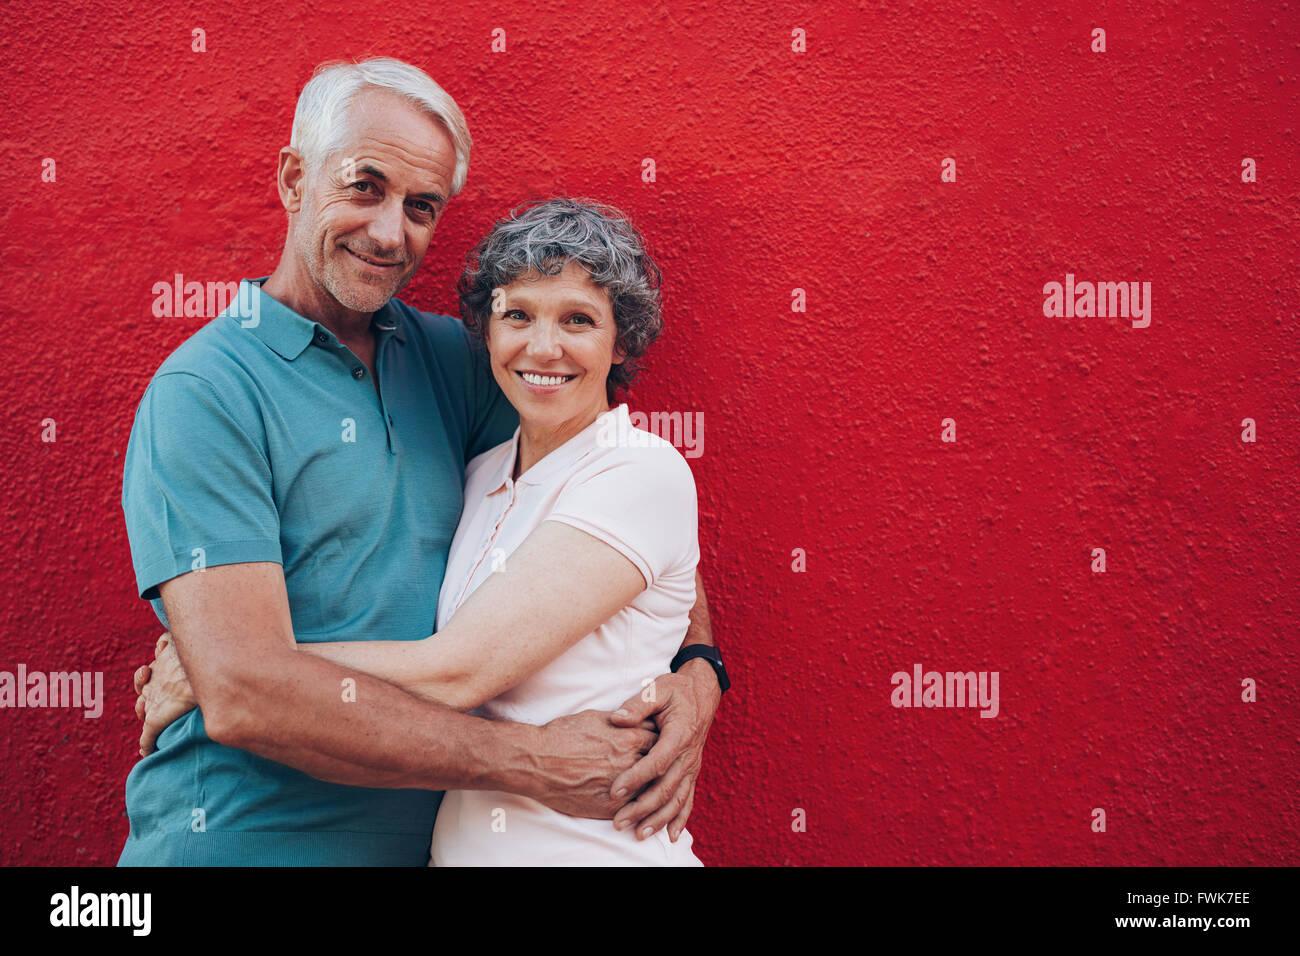 Retrato de amar al hombre y a la mujer de mediana edad de pie juntos contra el fondo rojo. Senior pareja abrazada Foto de stock